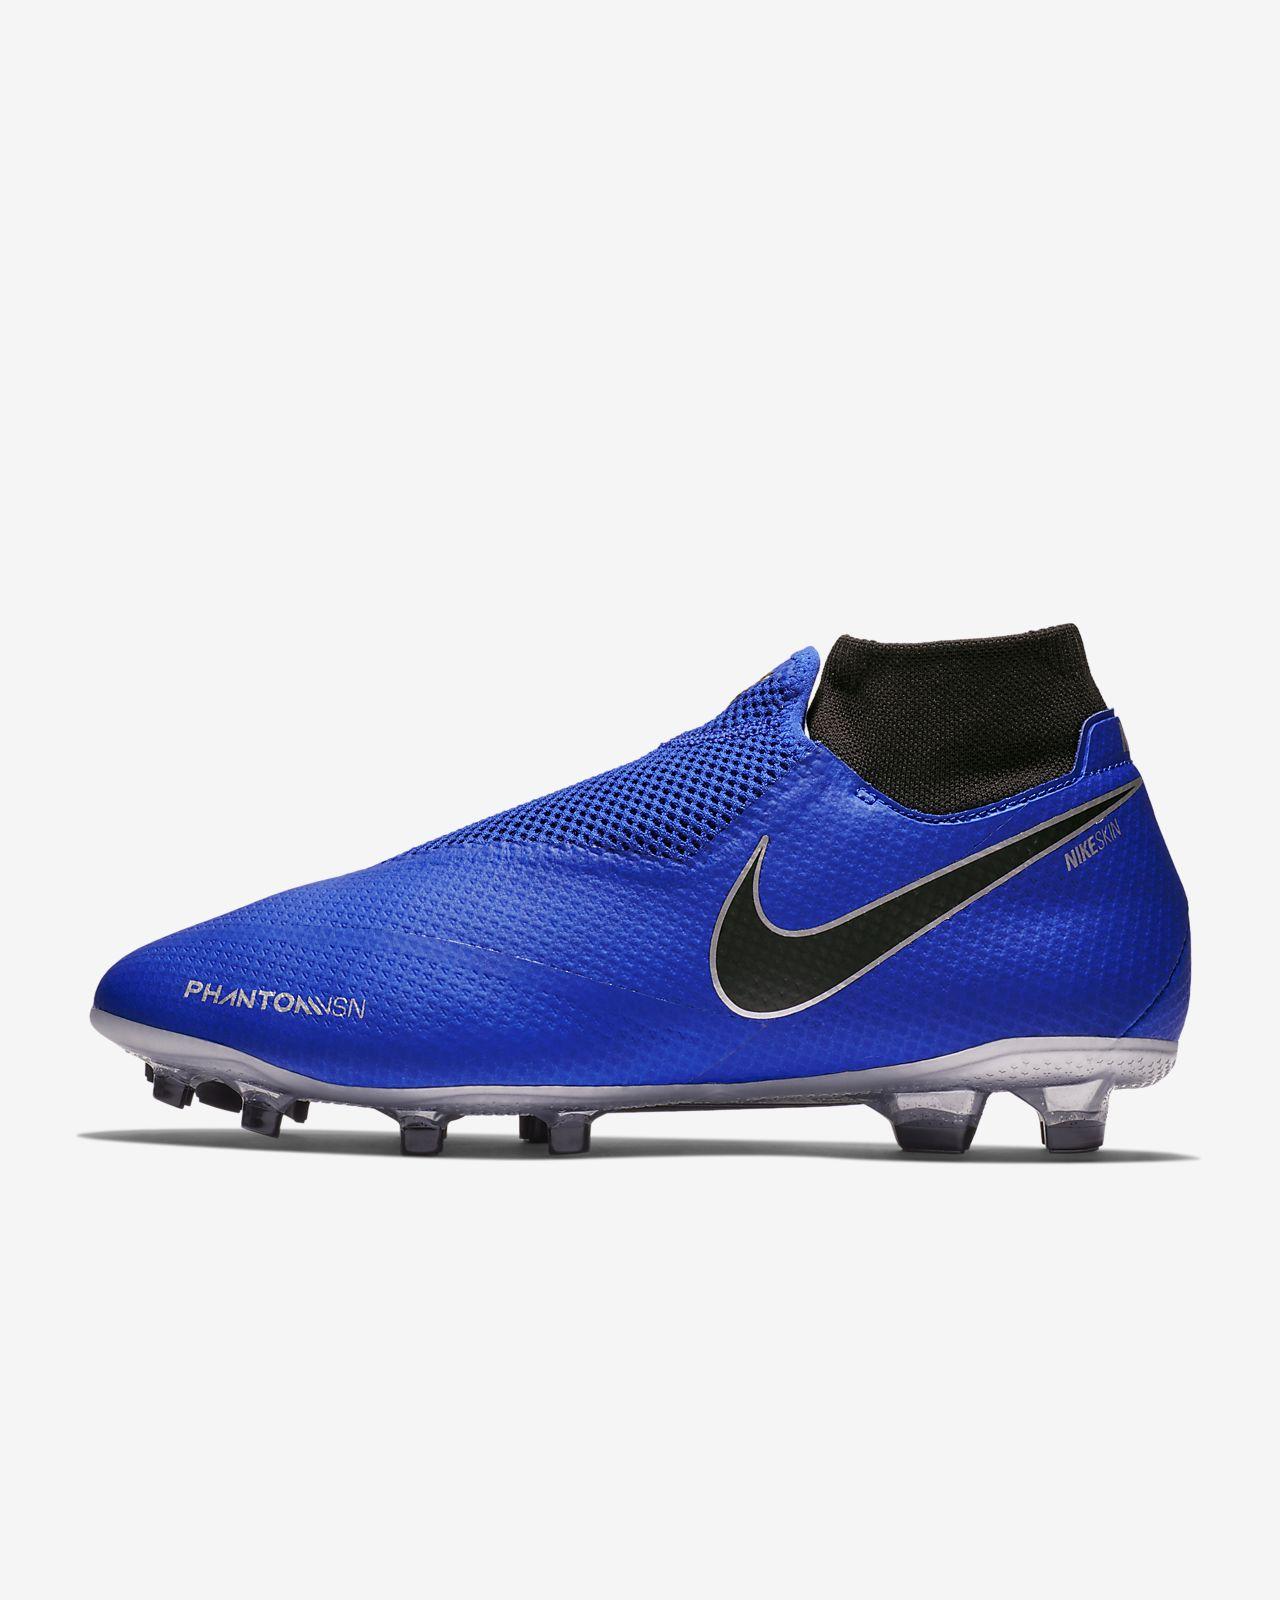 ... Nike PhantomVSN Pro Dynamic Fit FG Botas de fútbol para terreno firme a03614f80f49d